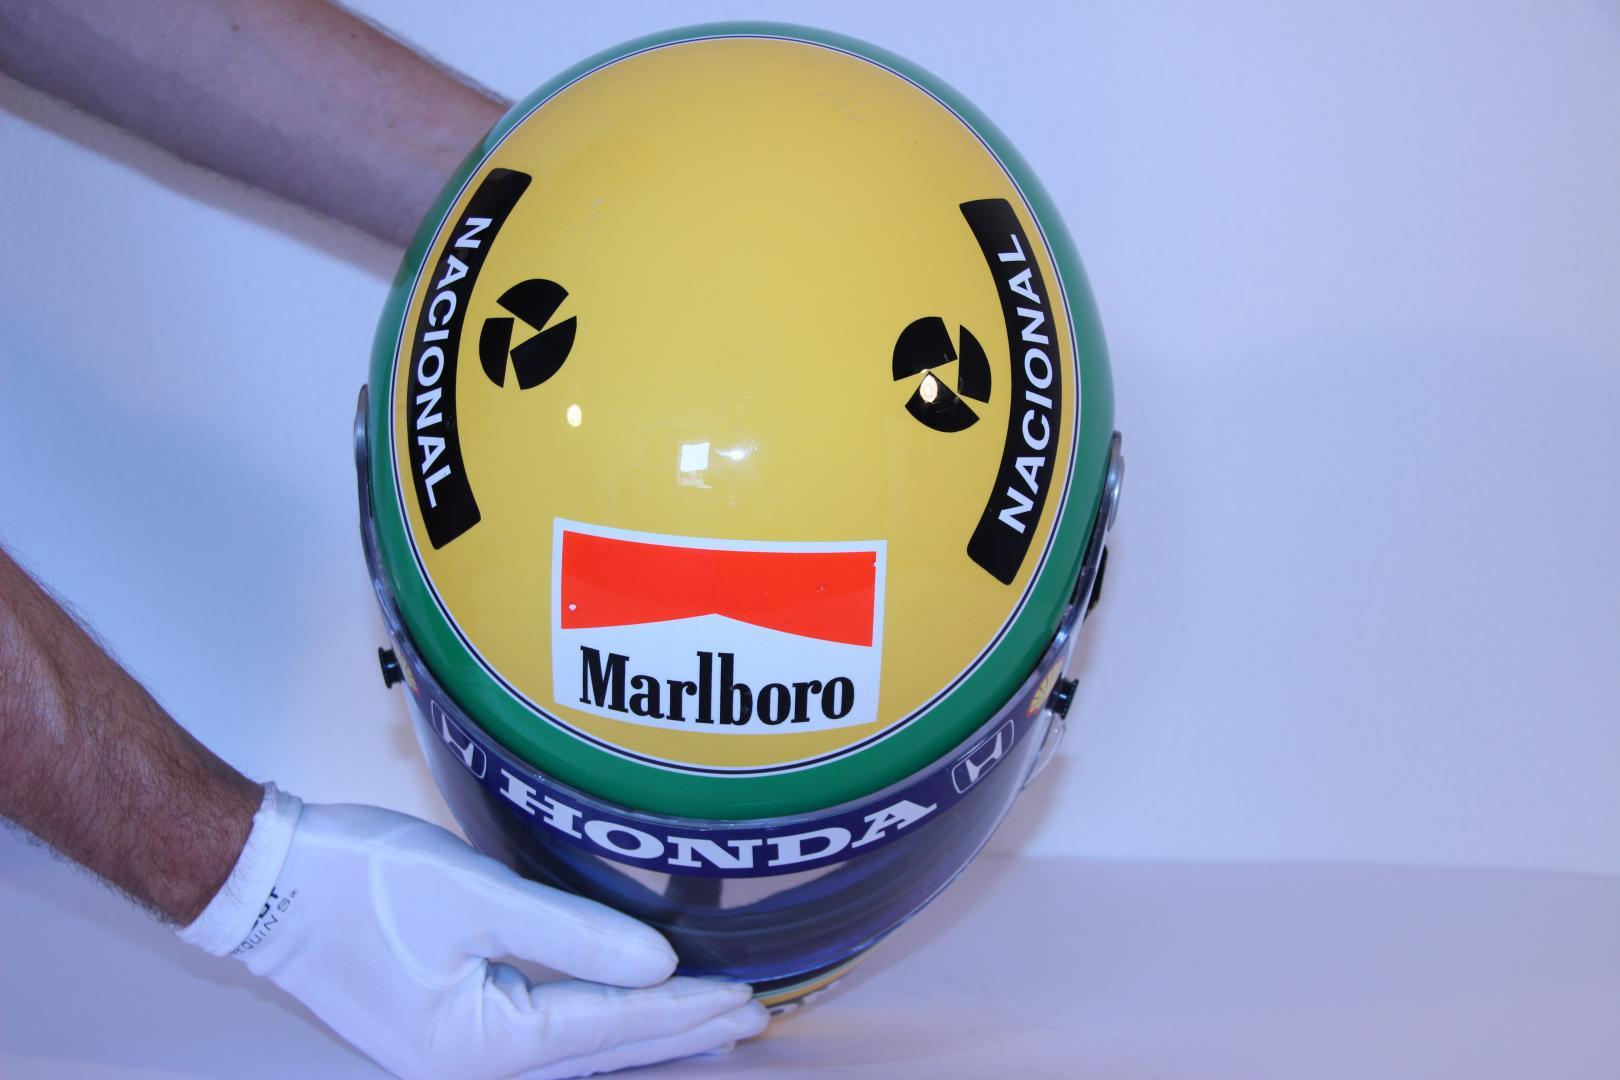 F1 collectie helm van senna